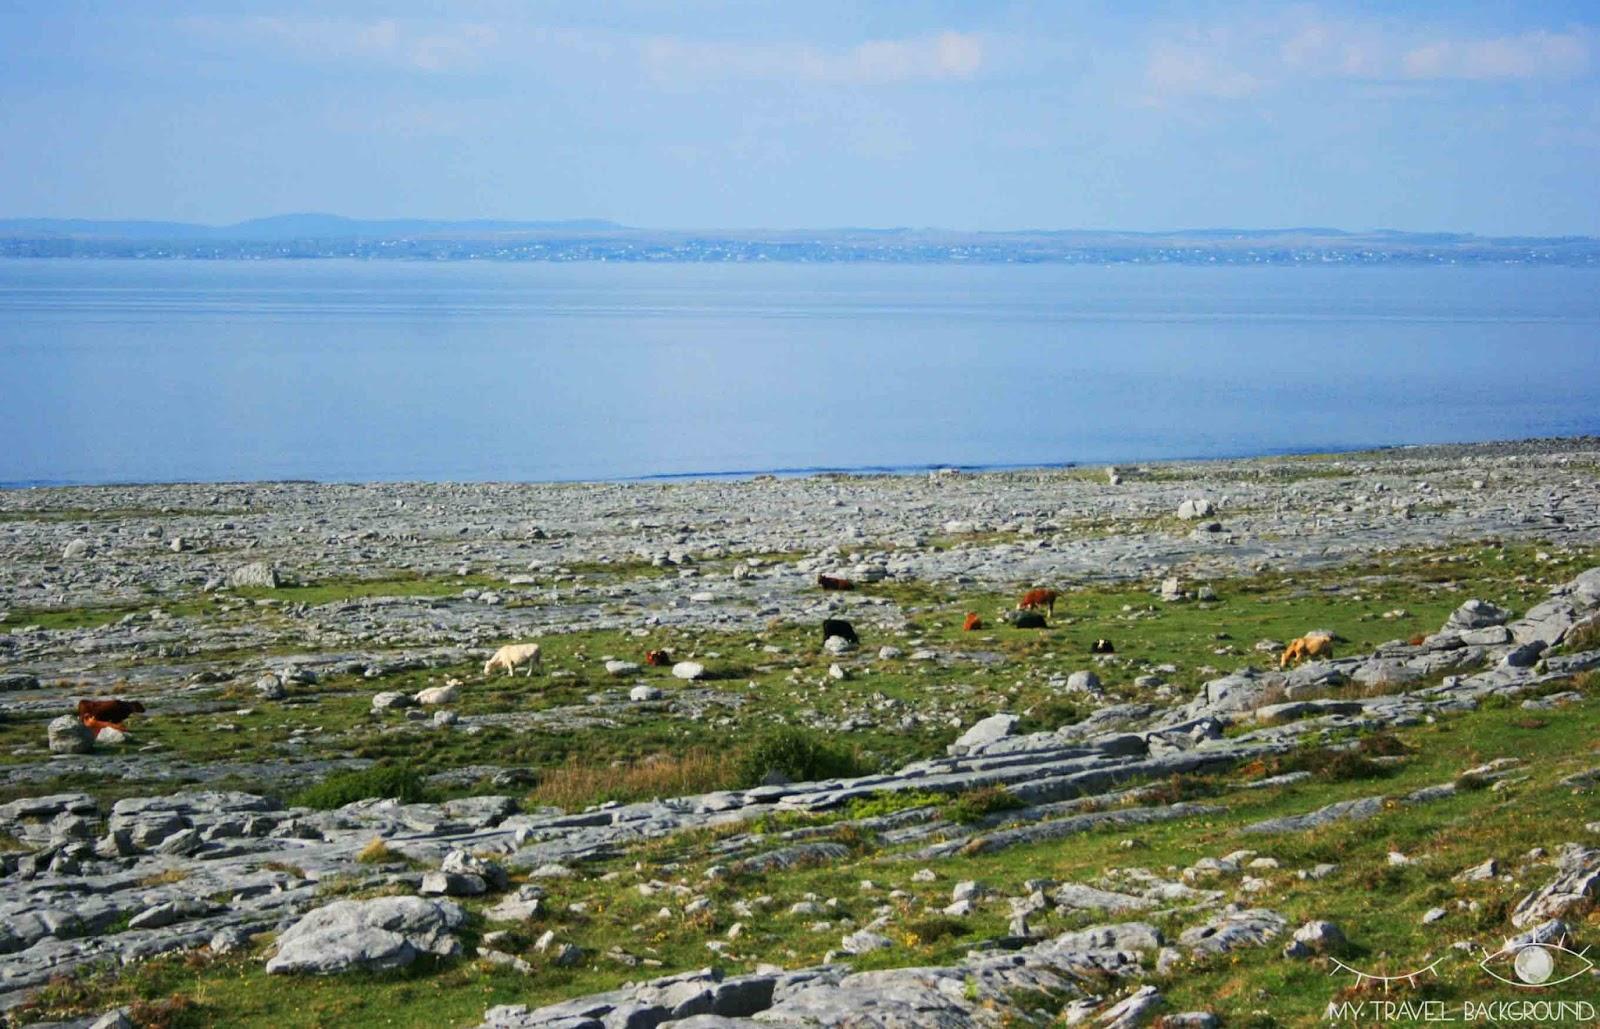 My Travel Background : le Plateau de Burren